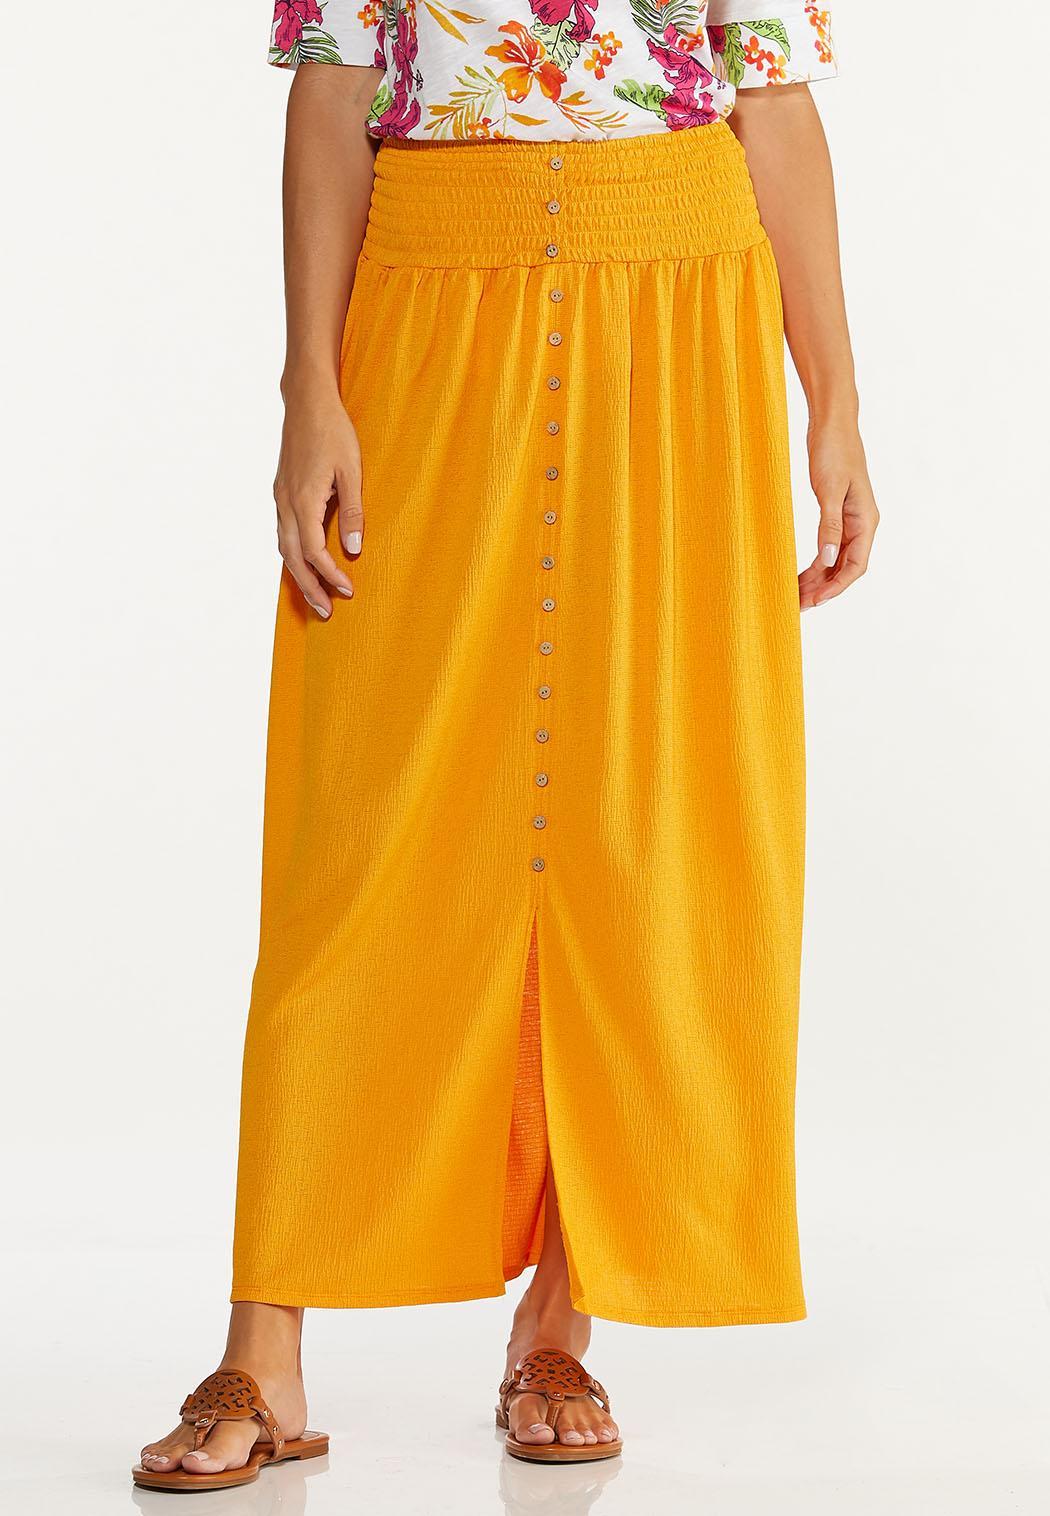 Plus Size Smocked Gauze Maxi Skirt